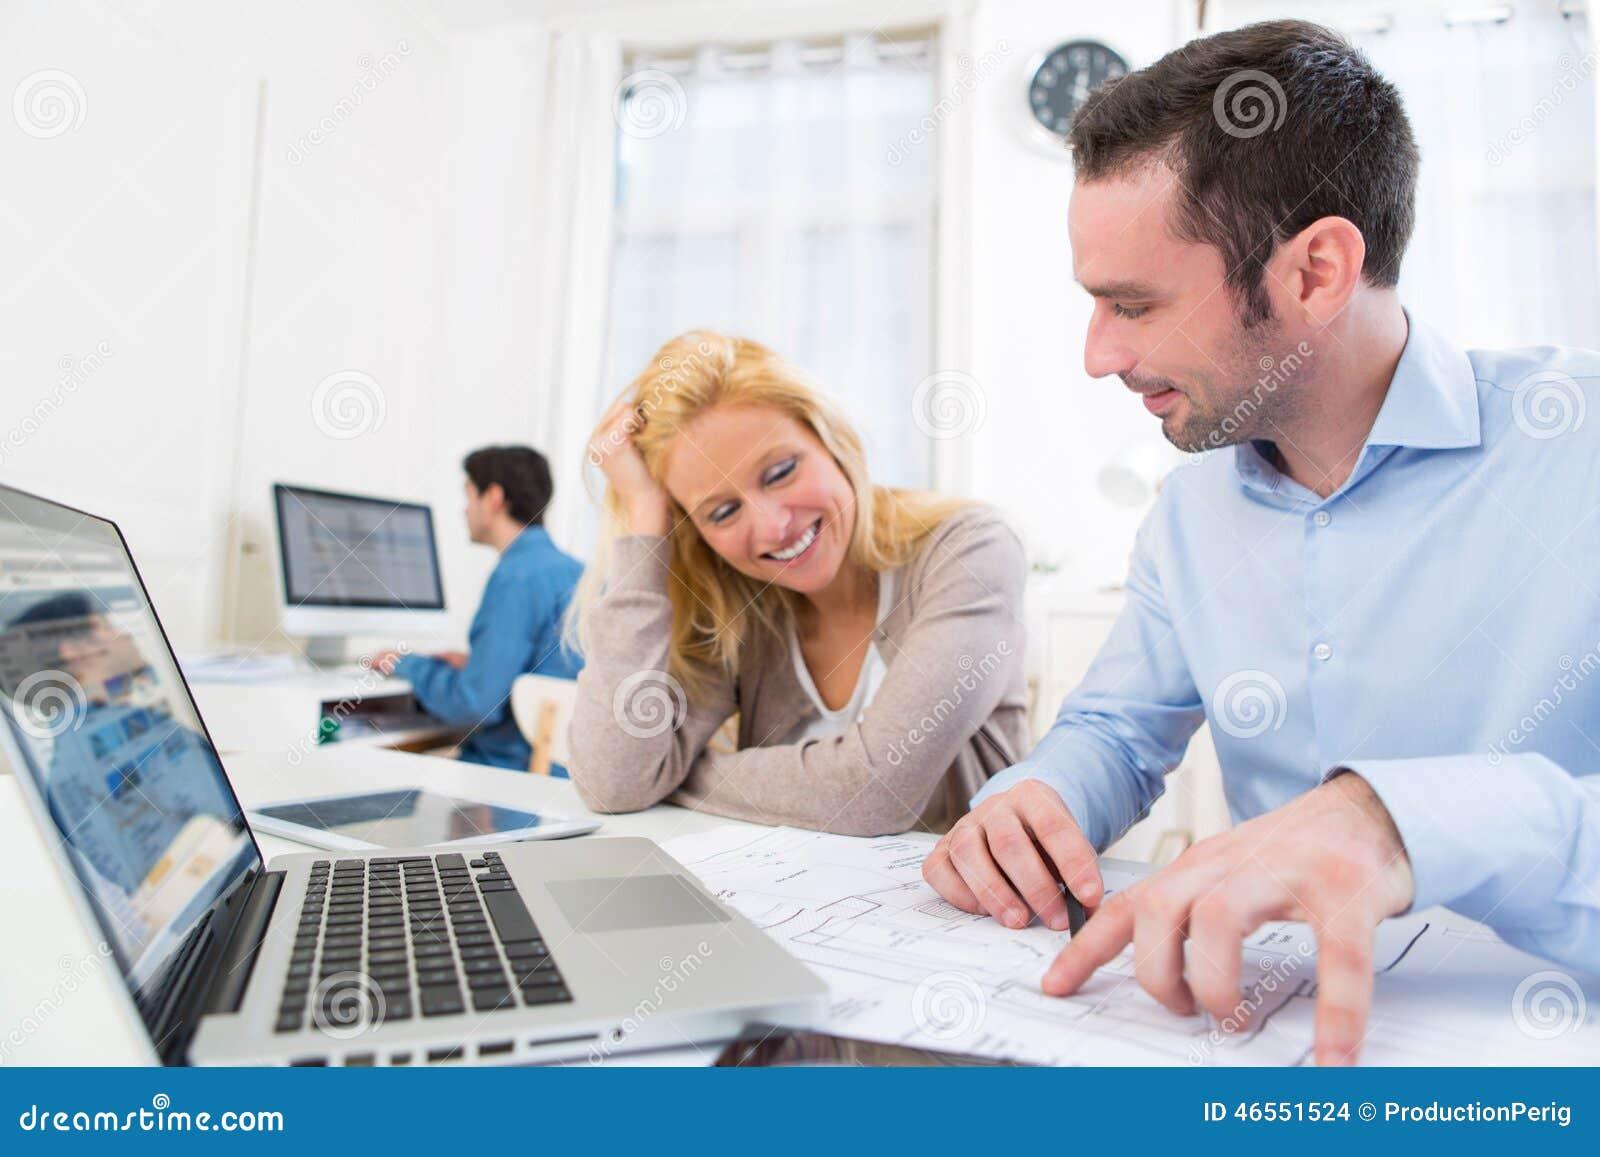 Groupe de travailleurs de co au bureau photo stock image 46551524 for Photos gratuites travail bureau